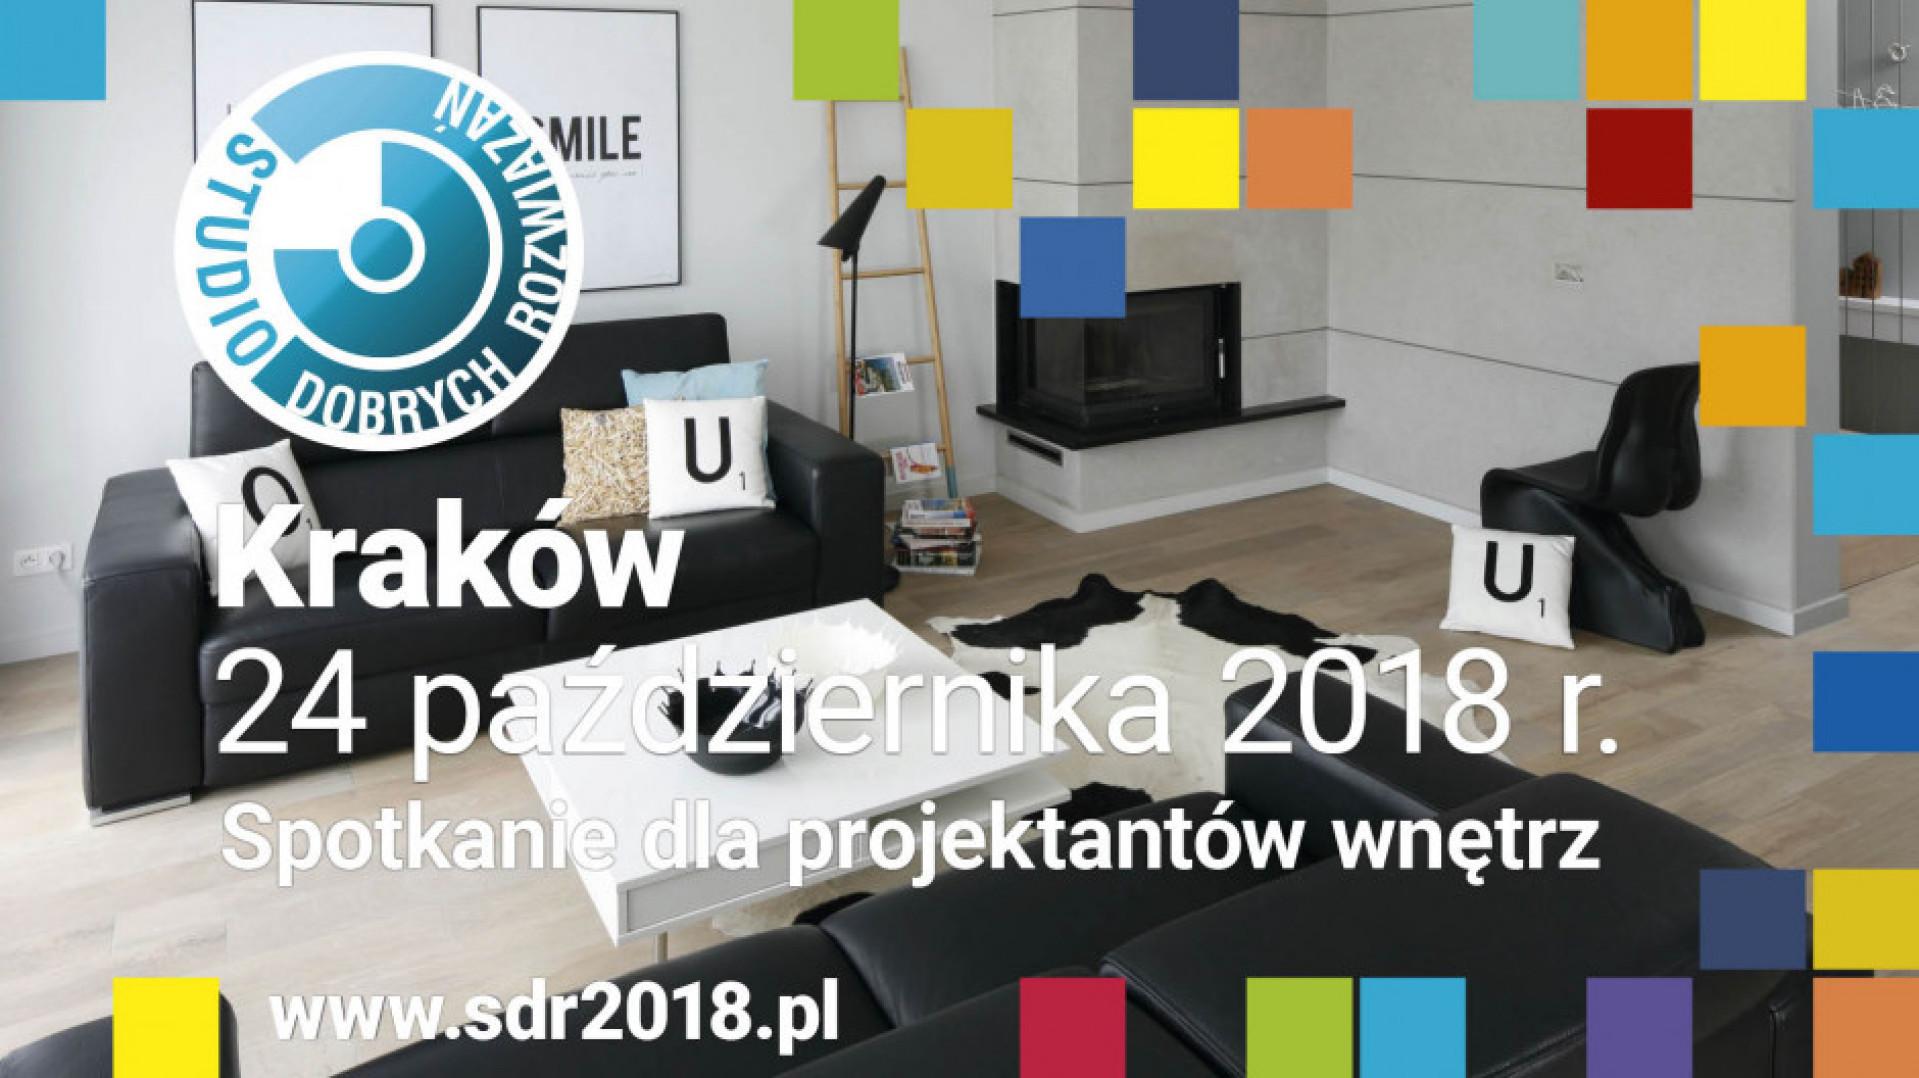 24 października Studio Dobrych Rozwiązań odbędzie się w Krakowie.